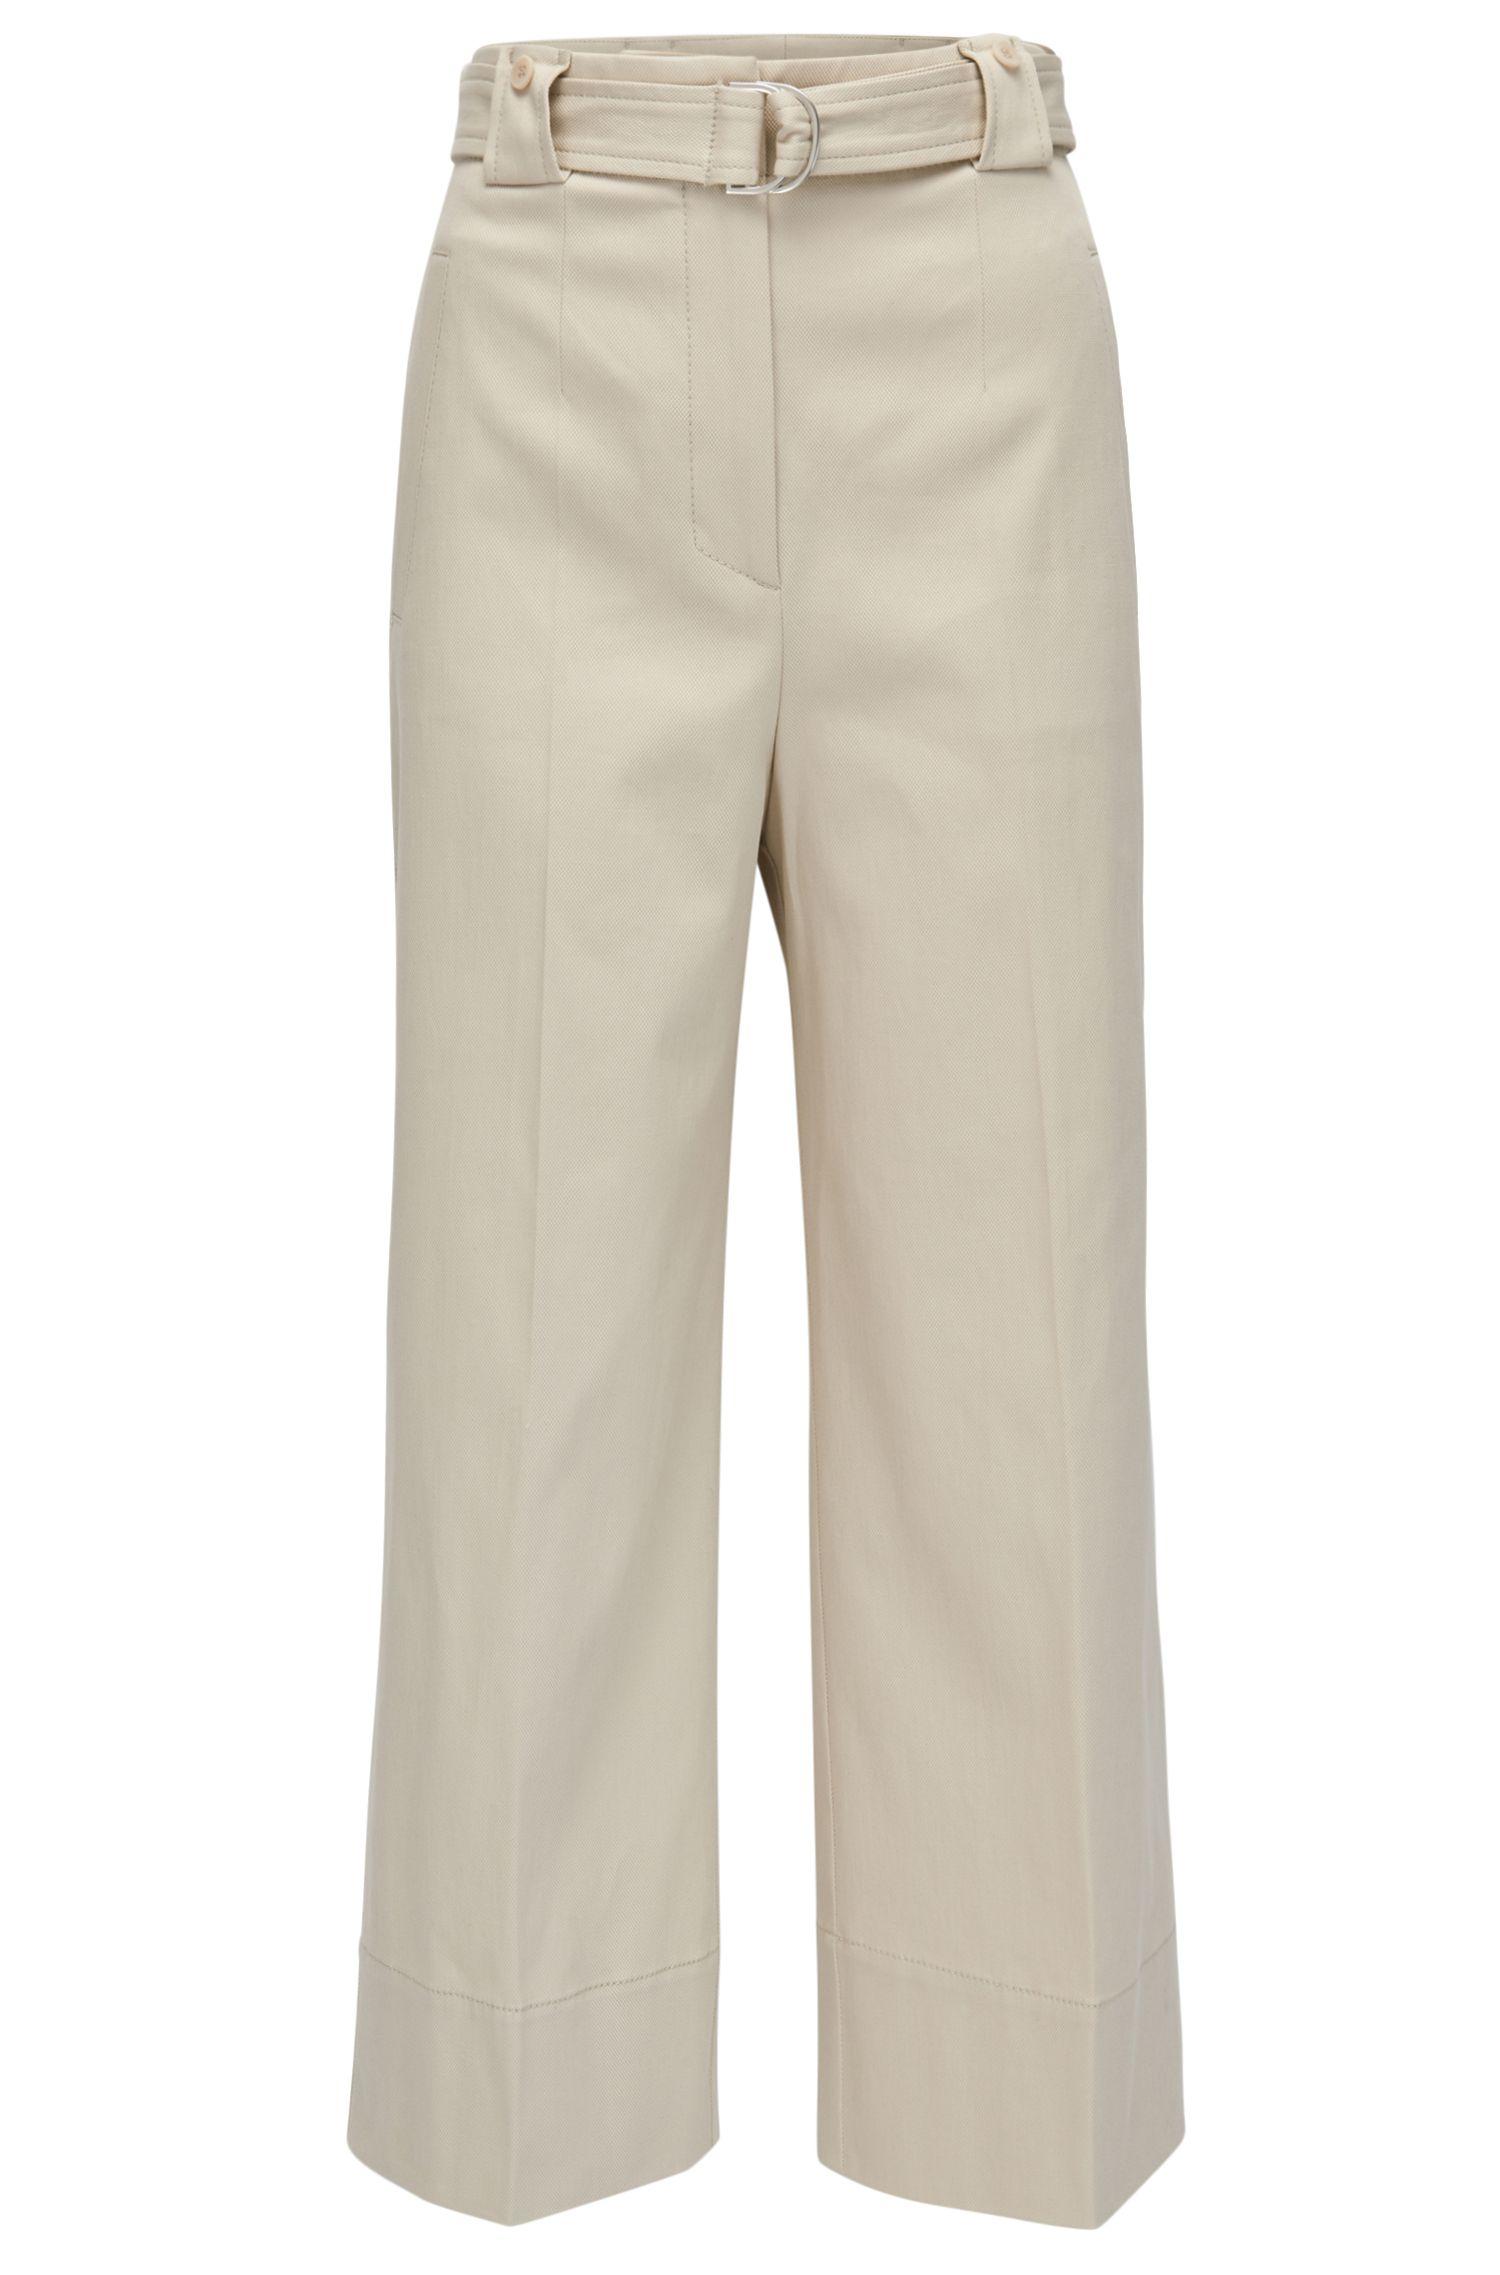 Pantalones regular fit en algodón elástico con pernera ancha